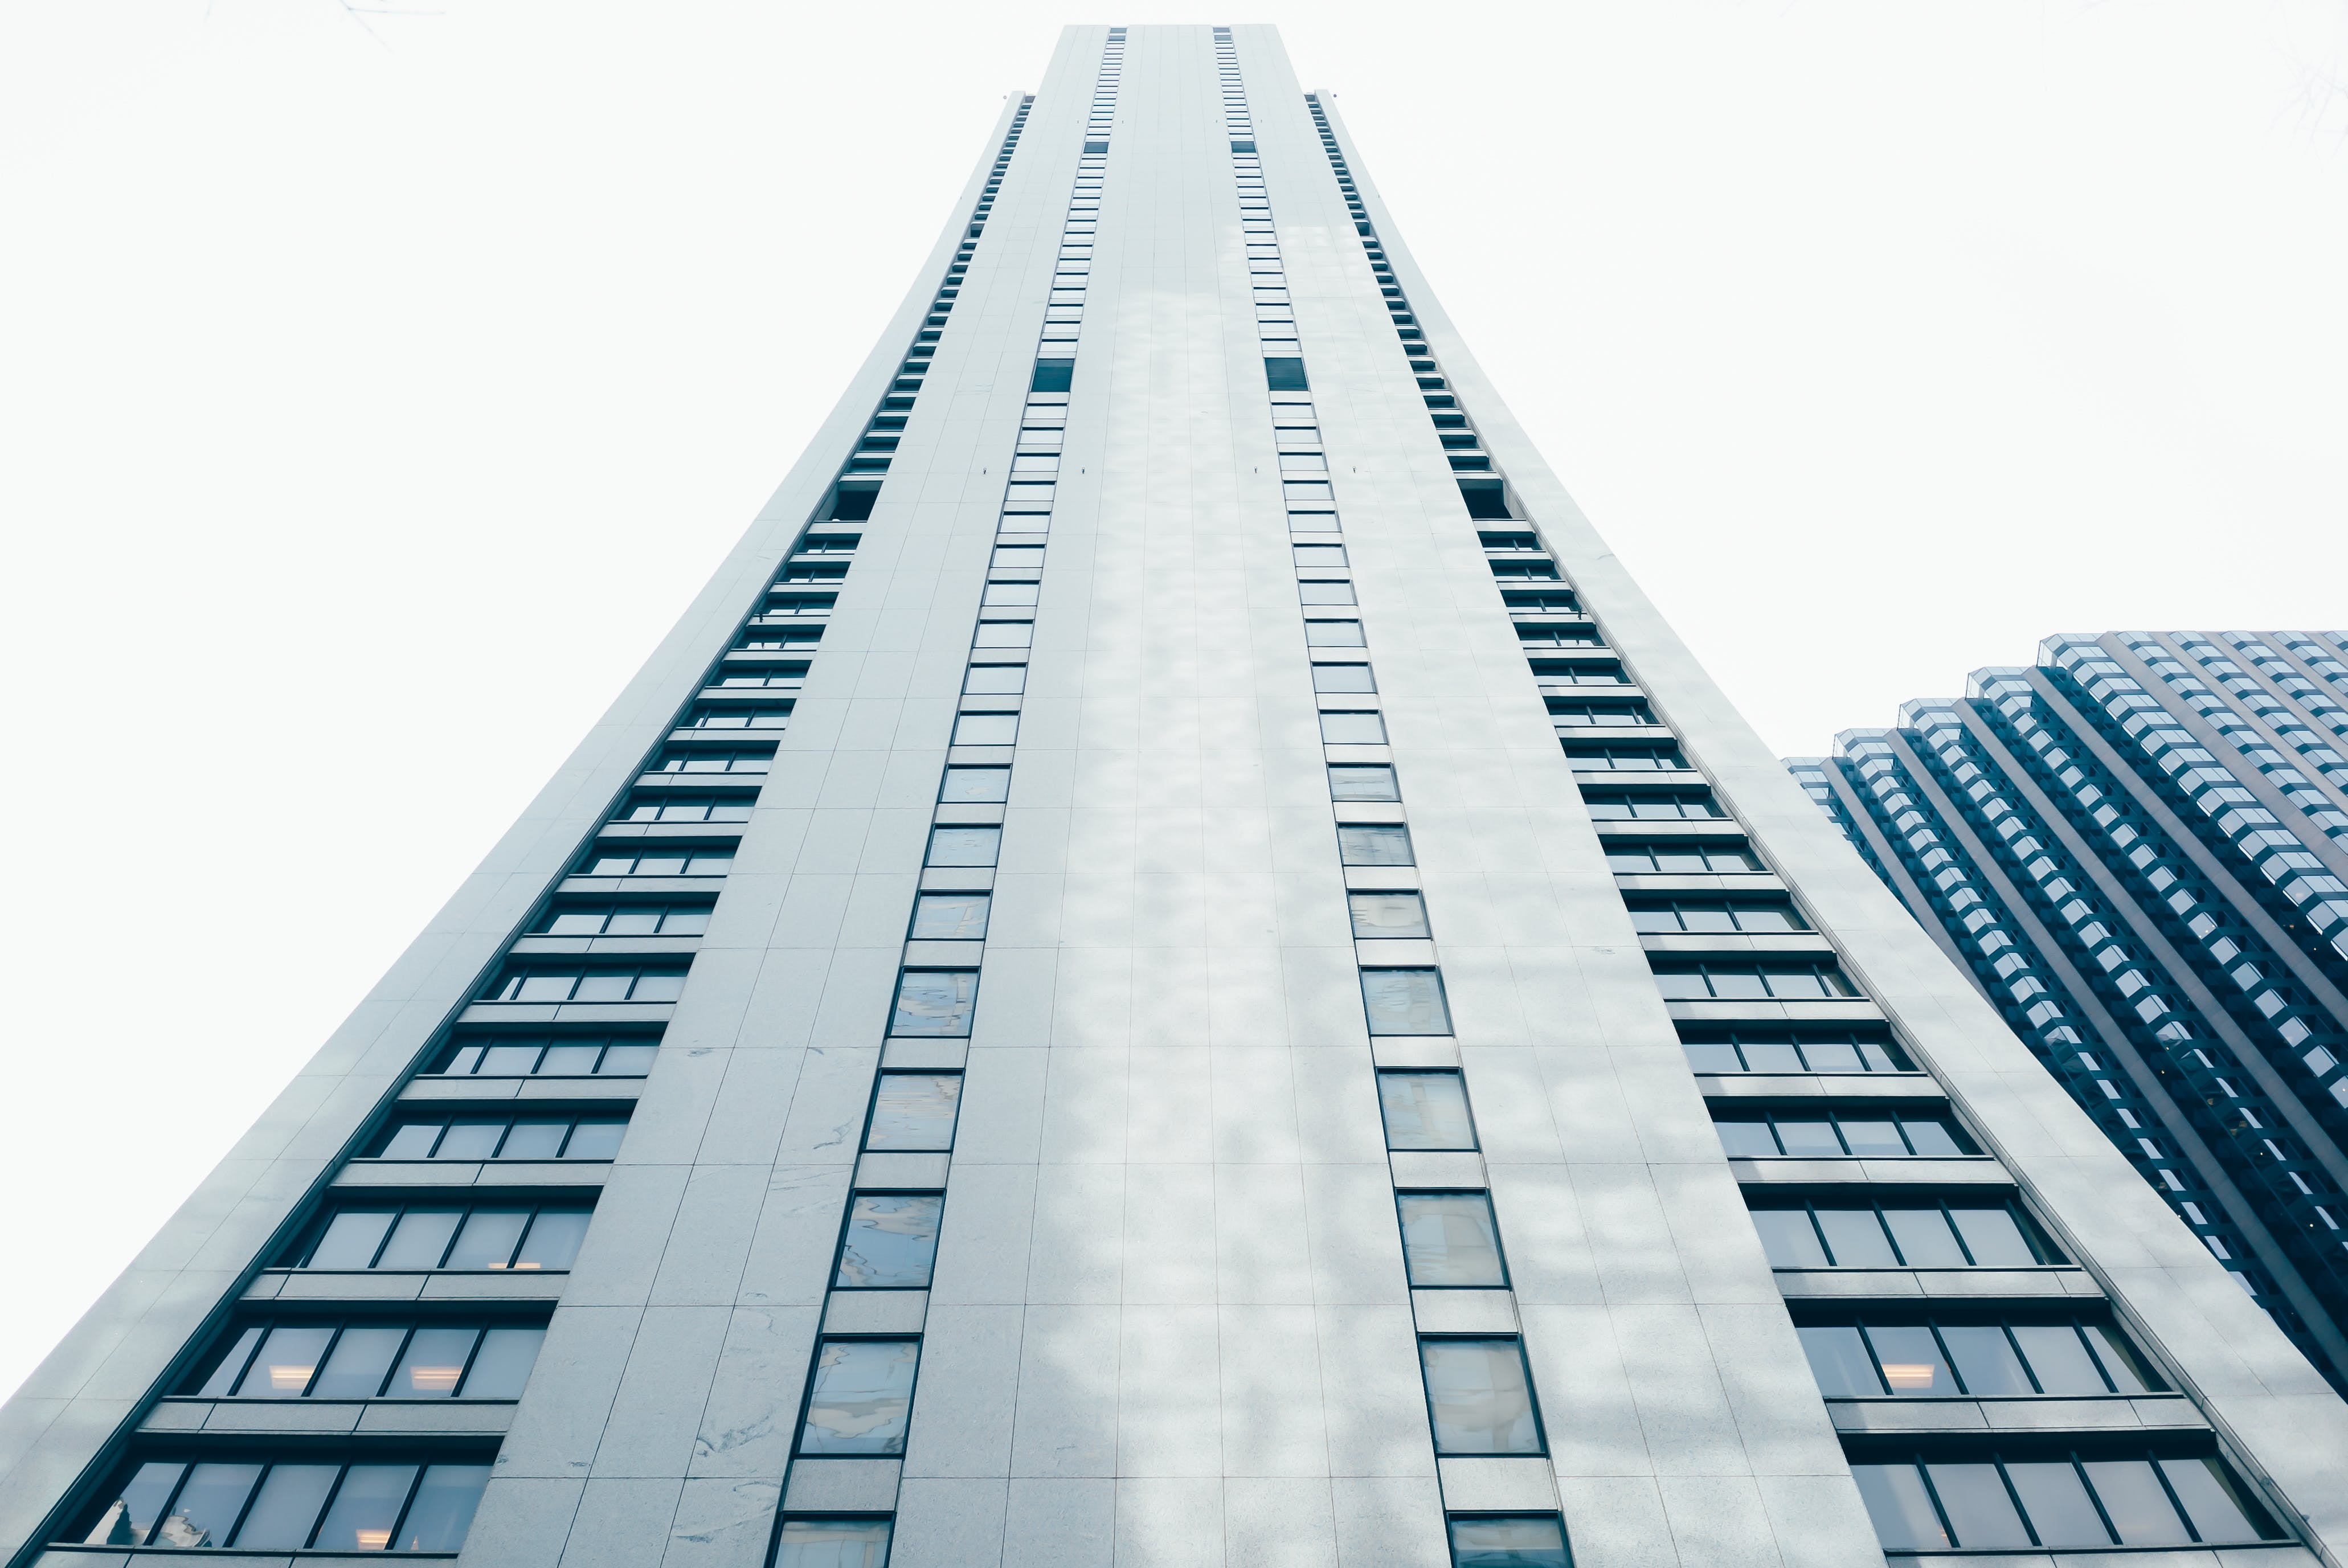 ガラス窓, ローアングル写真, 外観, 建物の外観の無料の写真素材